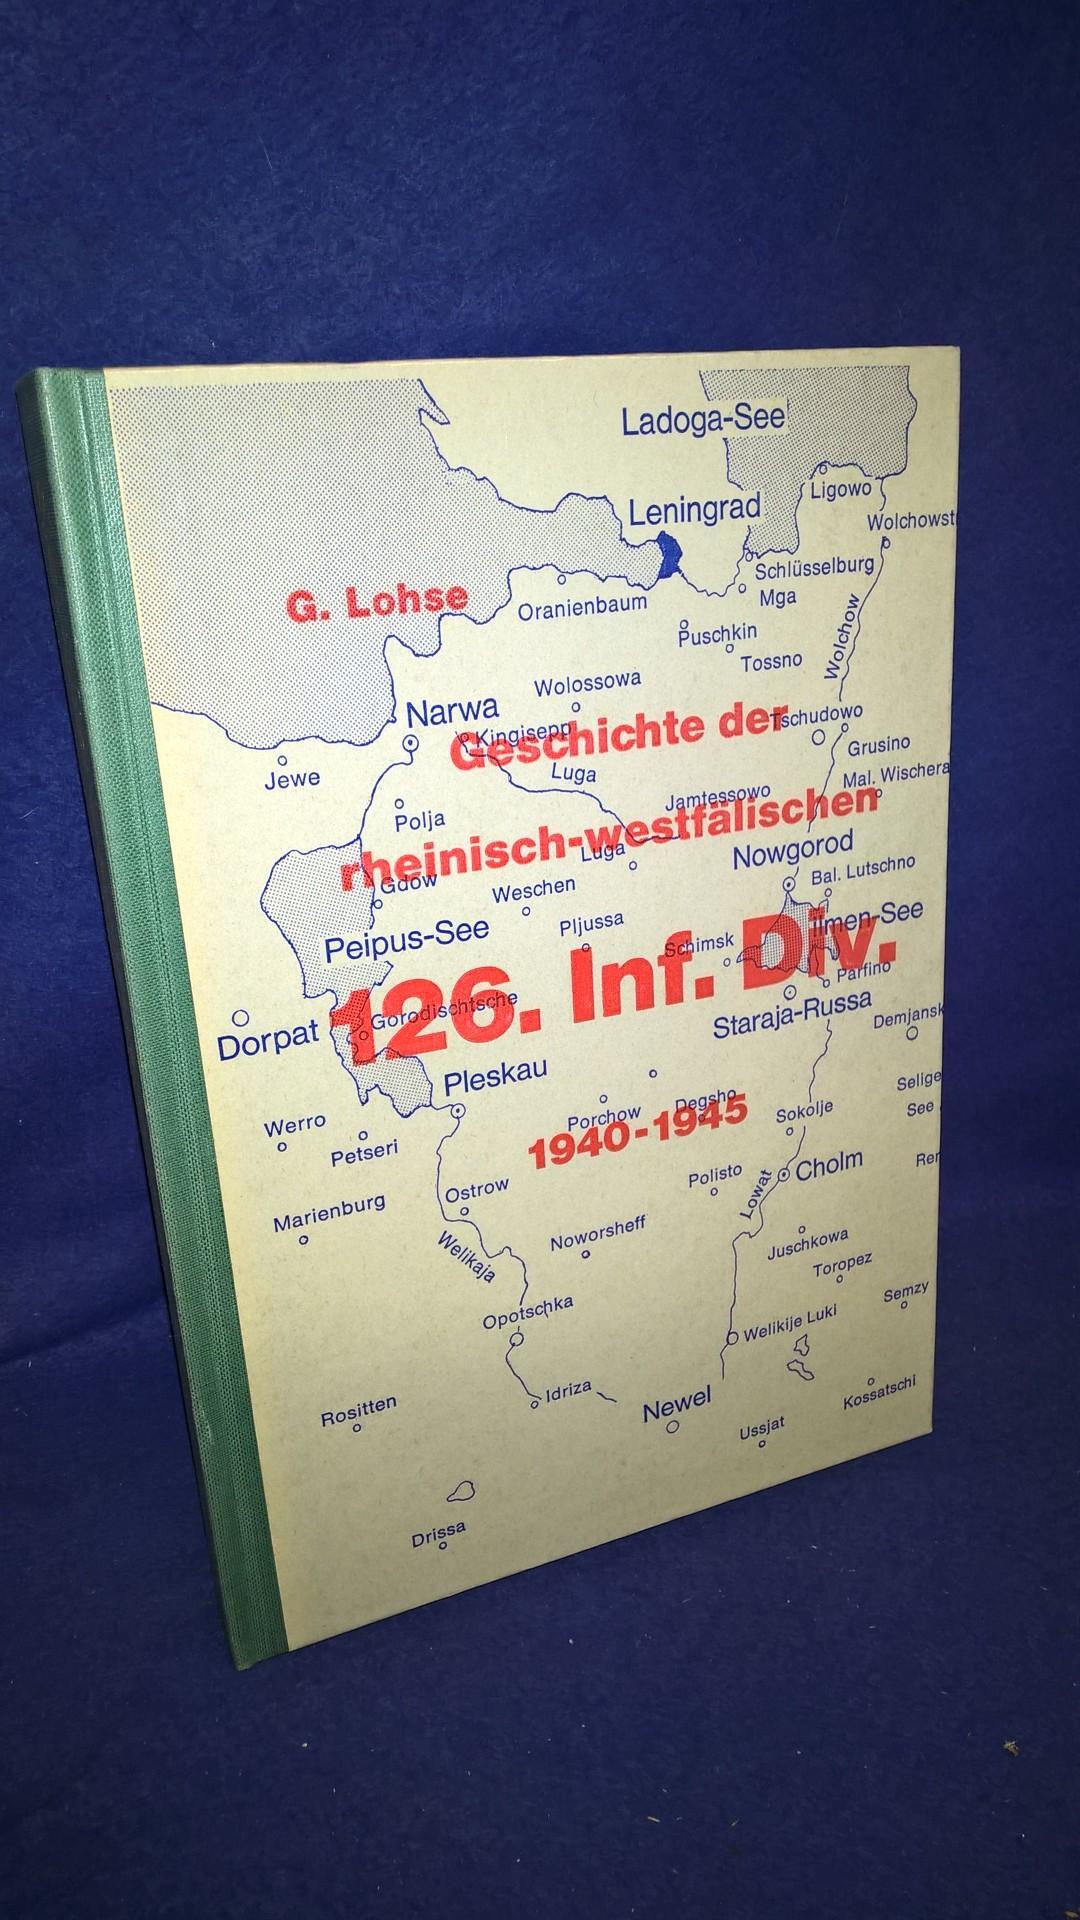 Geschichte der rheinisch-westfälischen 126. Infanterie-Division 1940 - 45.